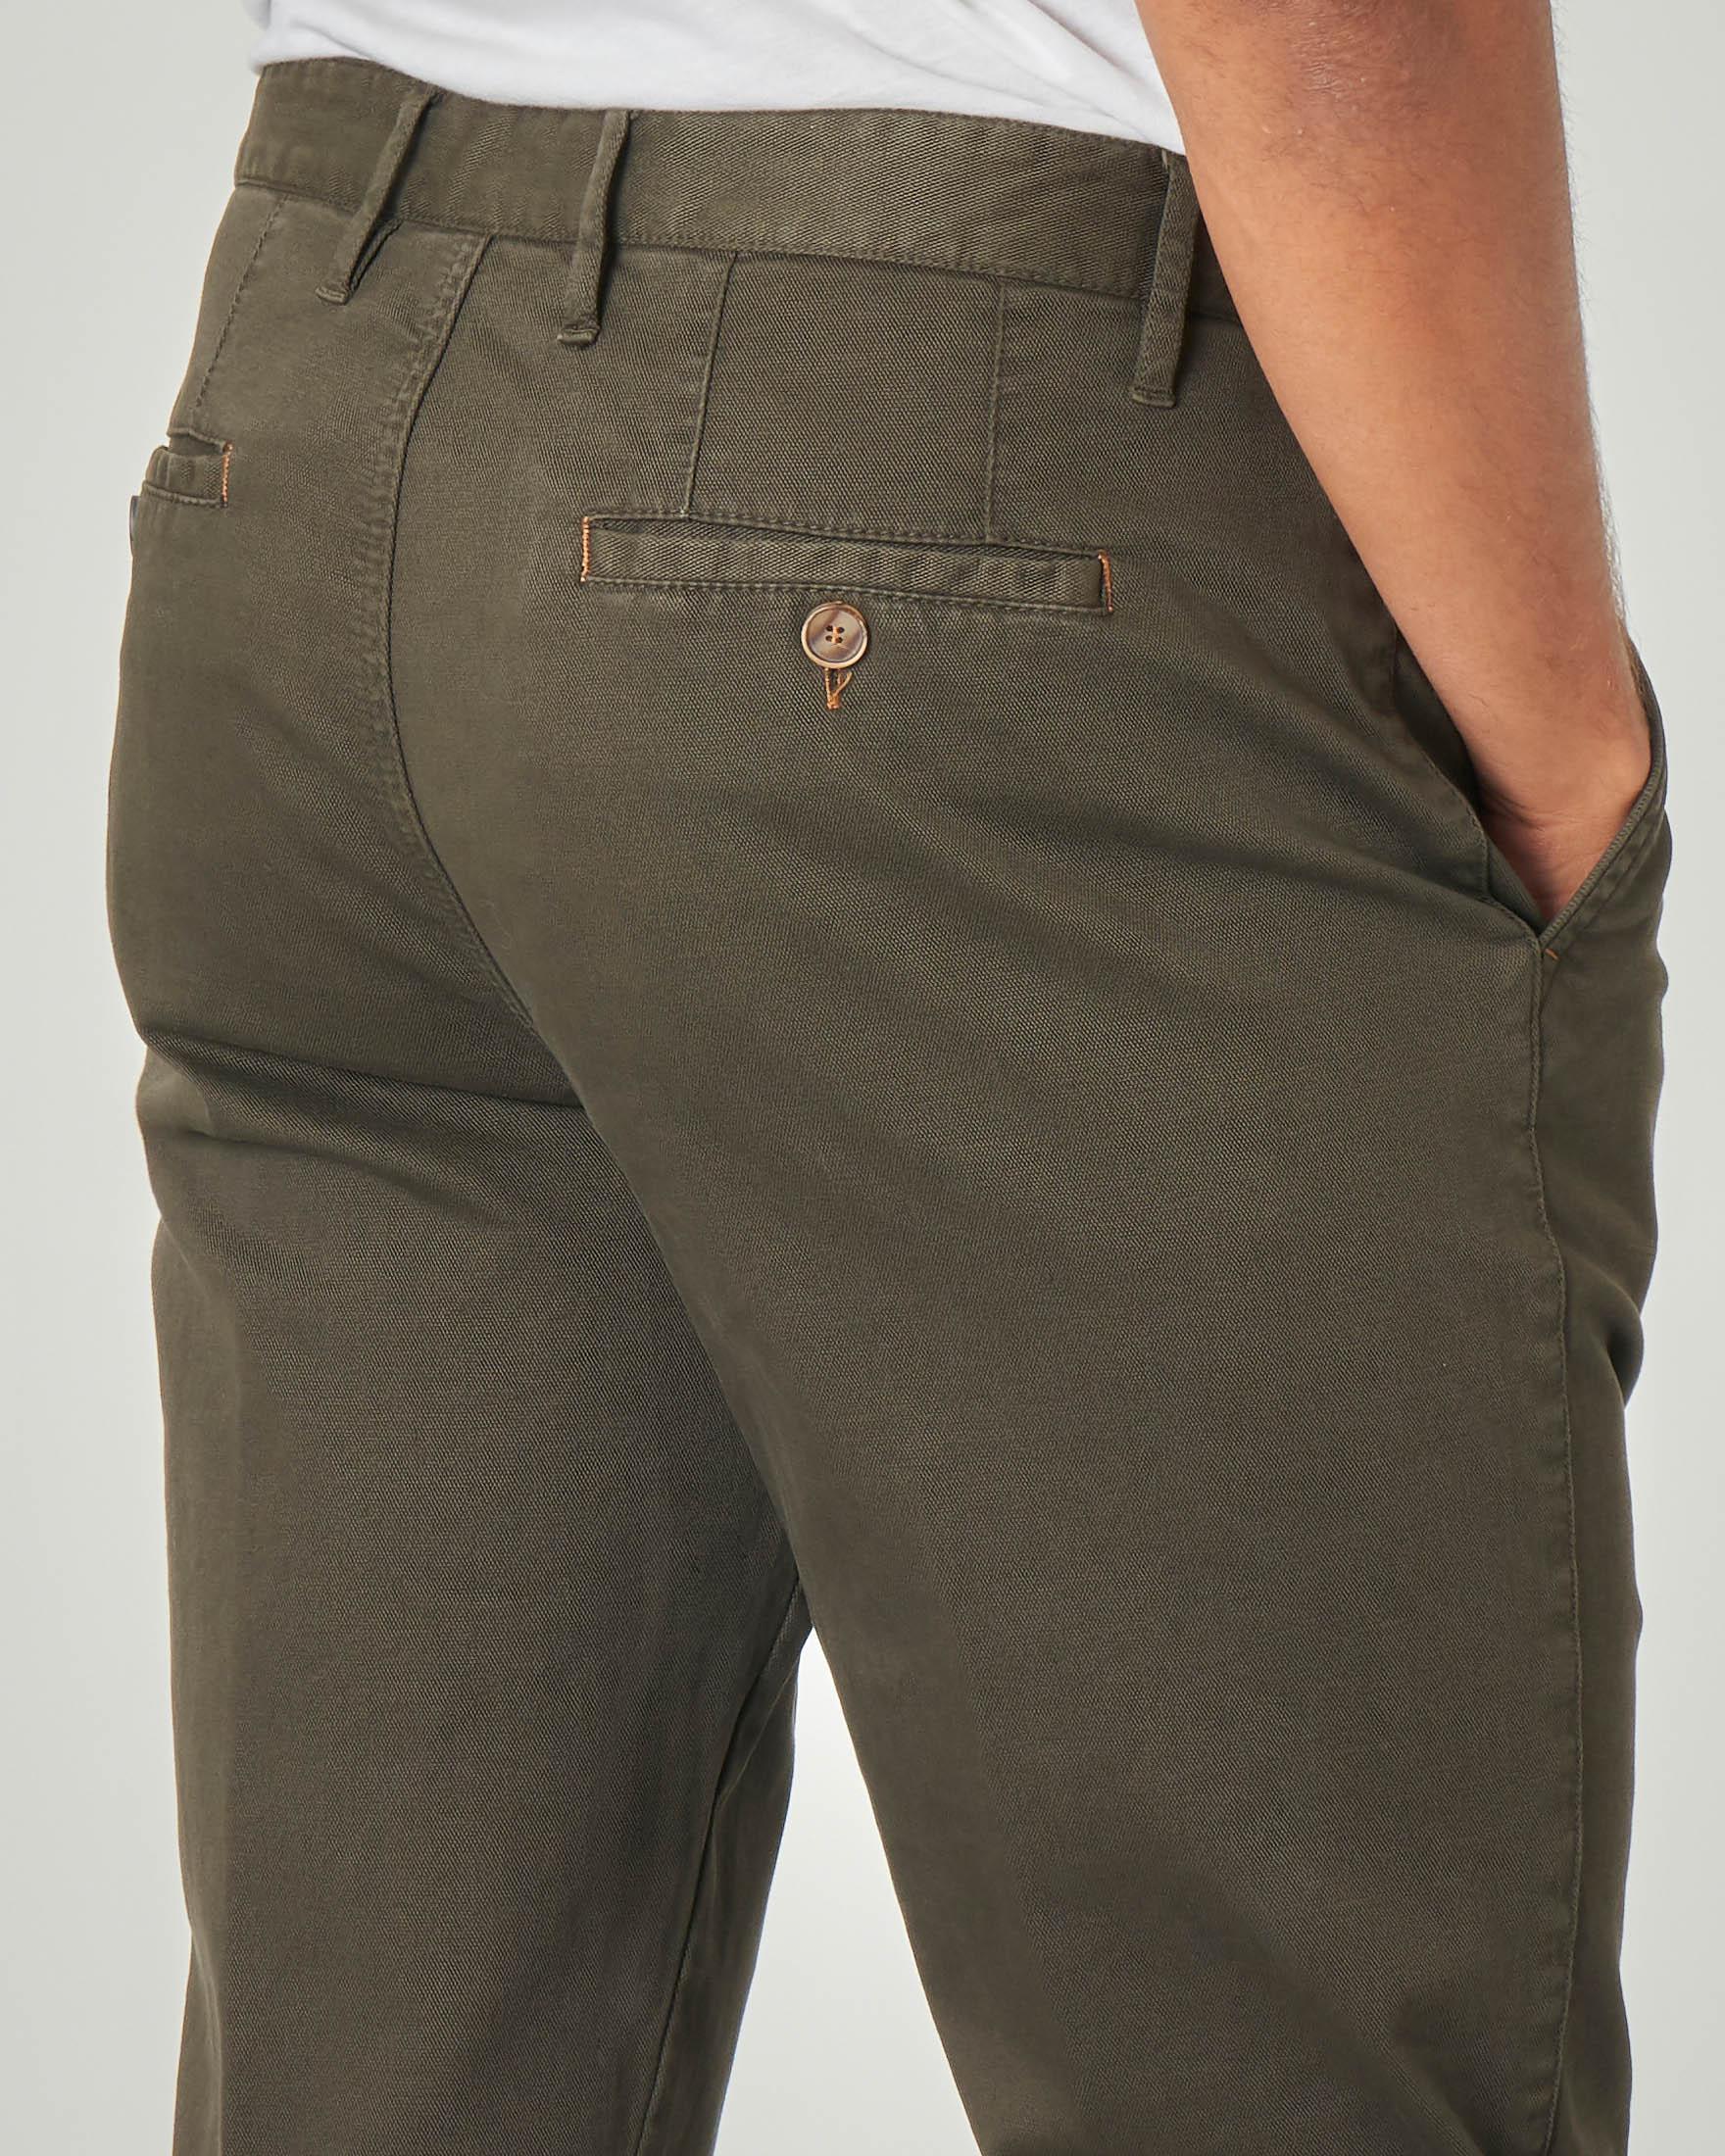 Pantalone chino verde scuro micro-armatura in cotone stretch